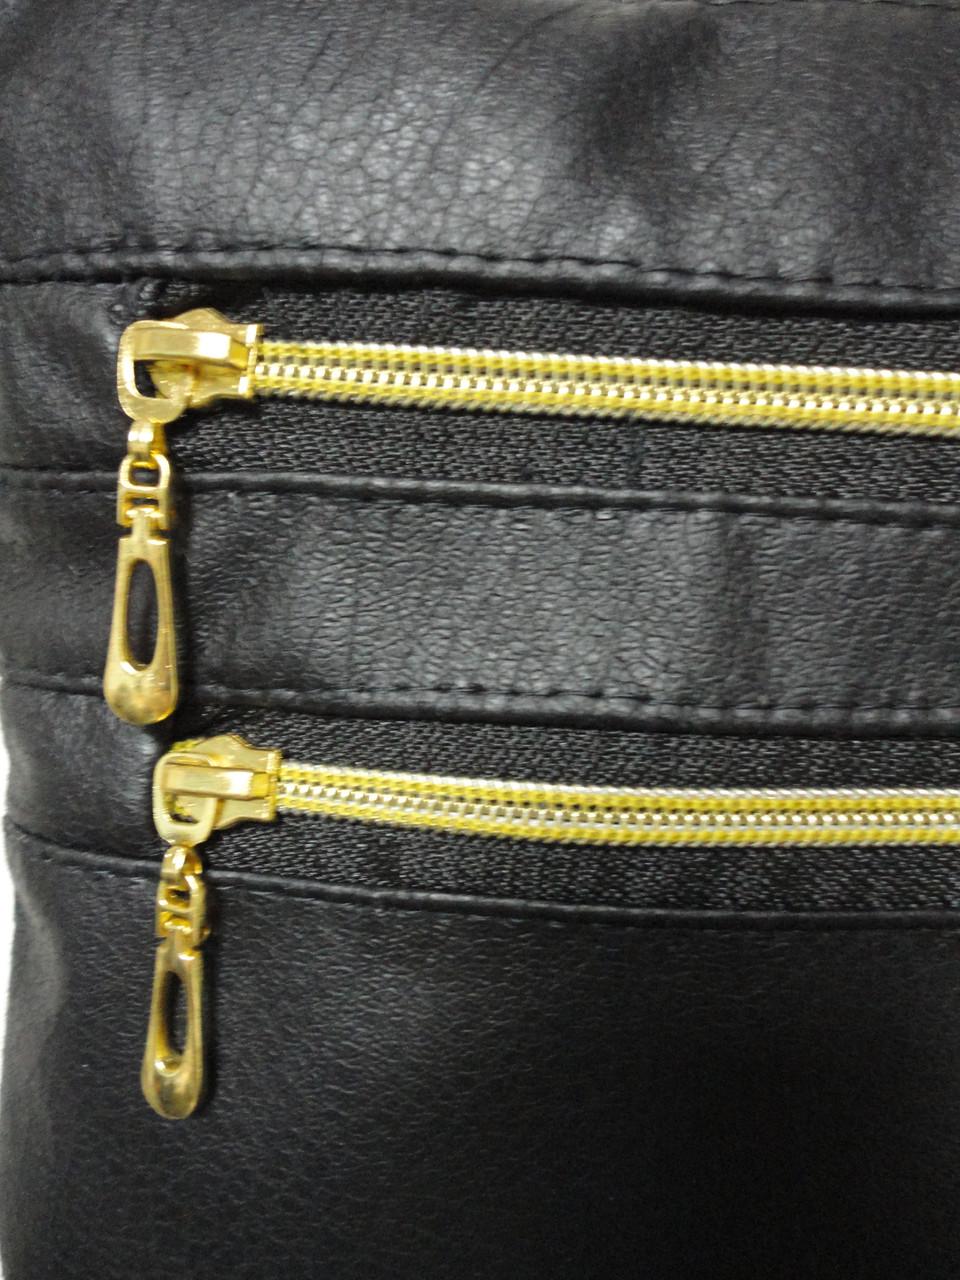 cb1c8eaa55e3 Барсетка женская через плечо маленькая вертикальная черная с золотыми  молниями, цена 160 грн., купить в Киеве — Prom.ua (ID#542455136)